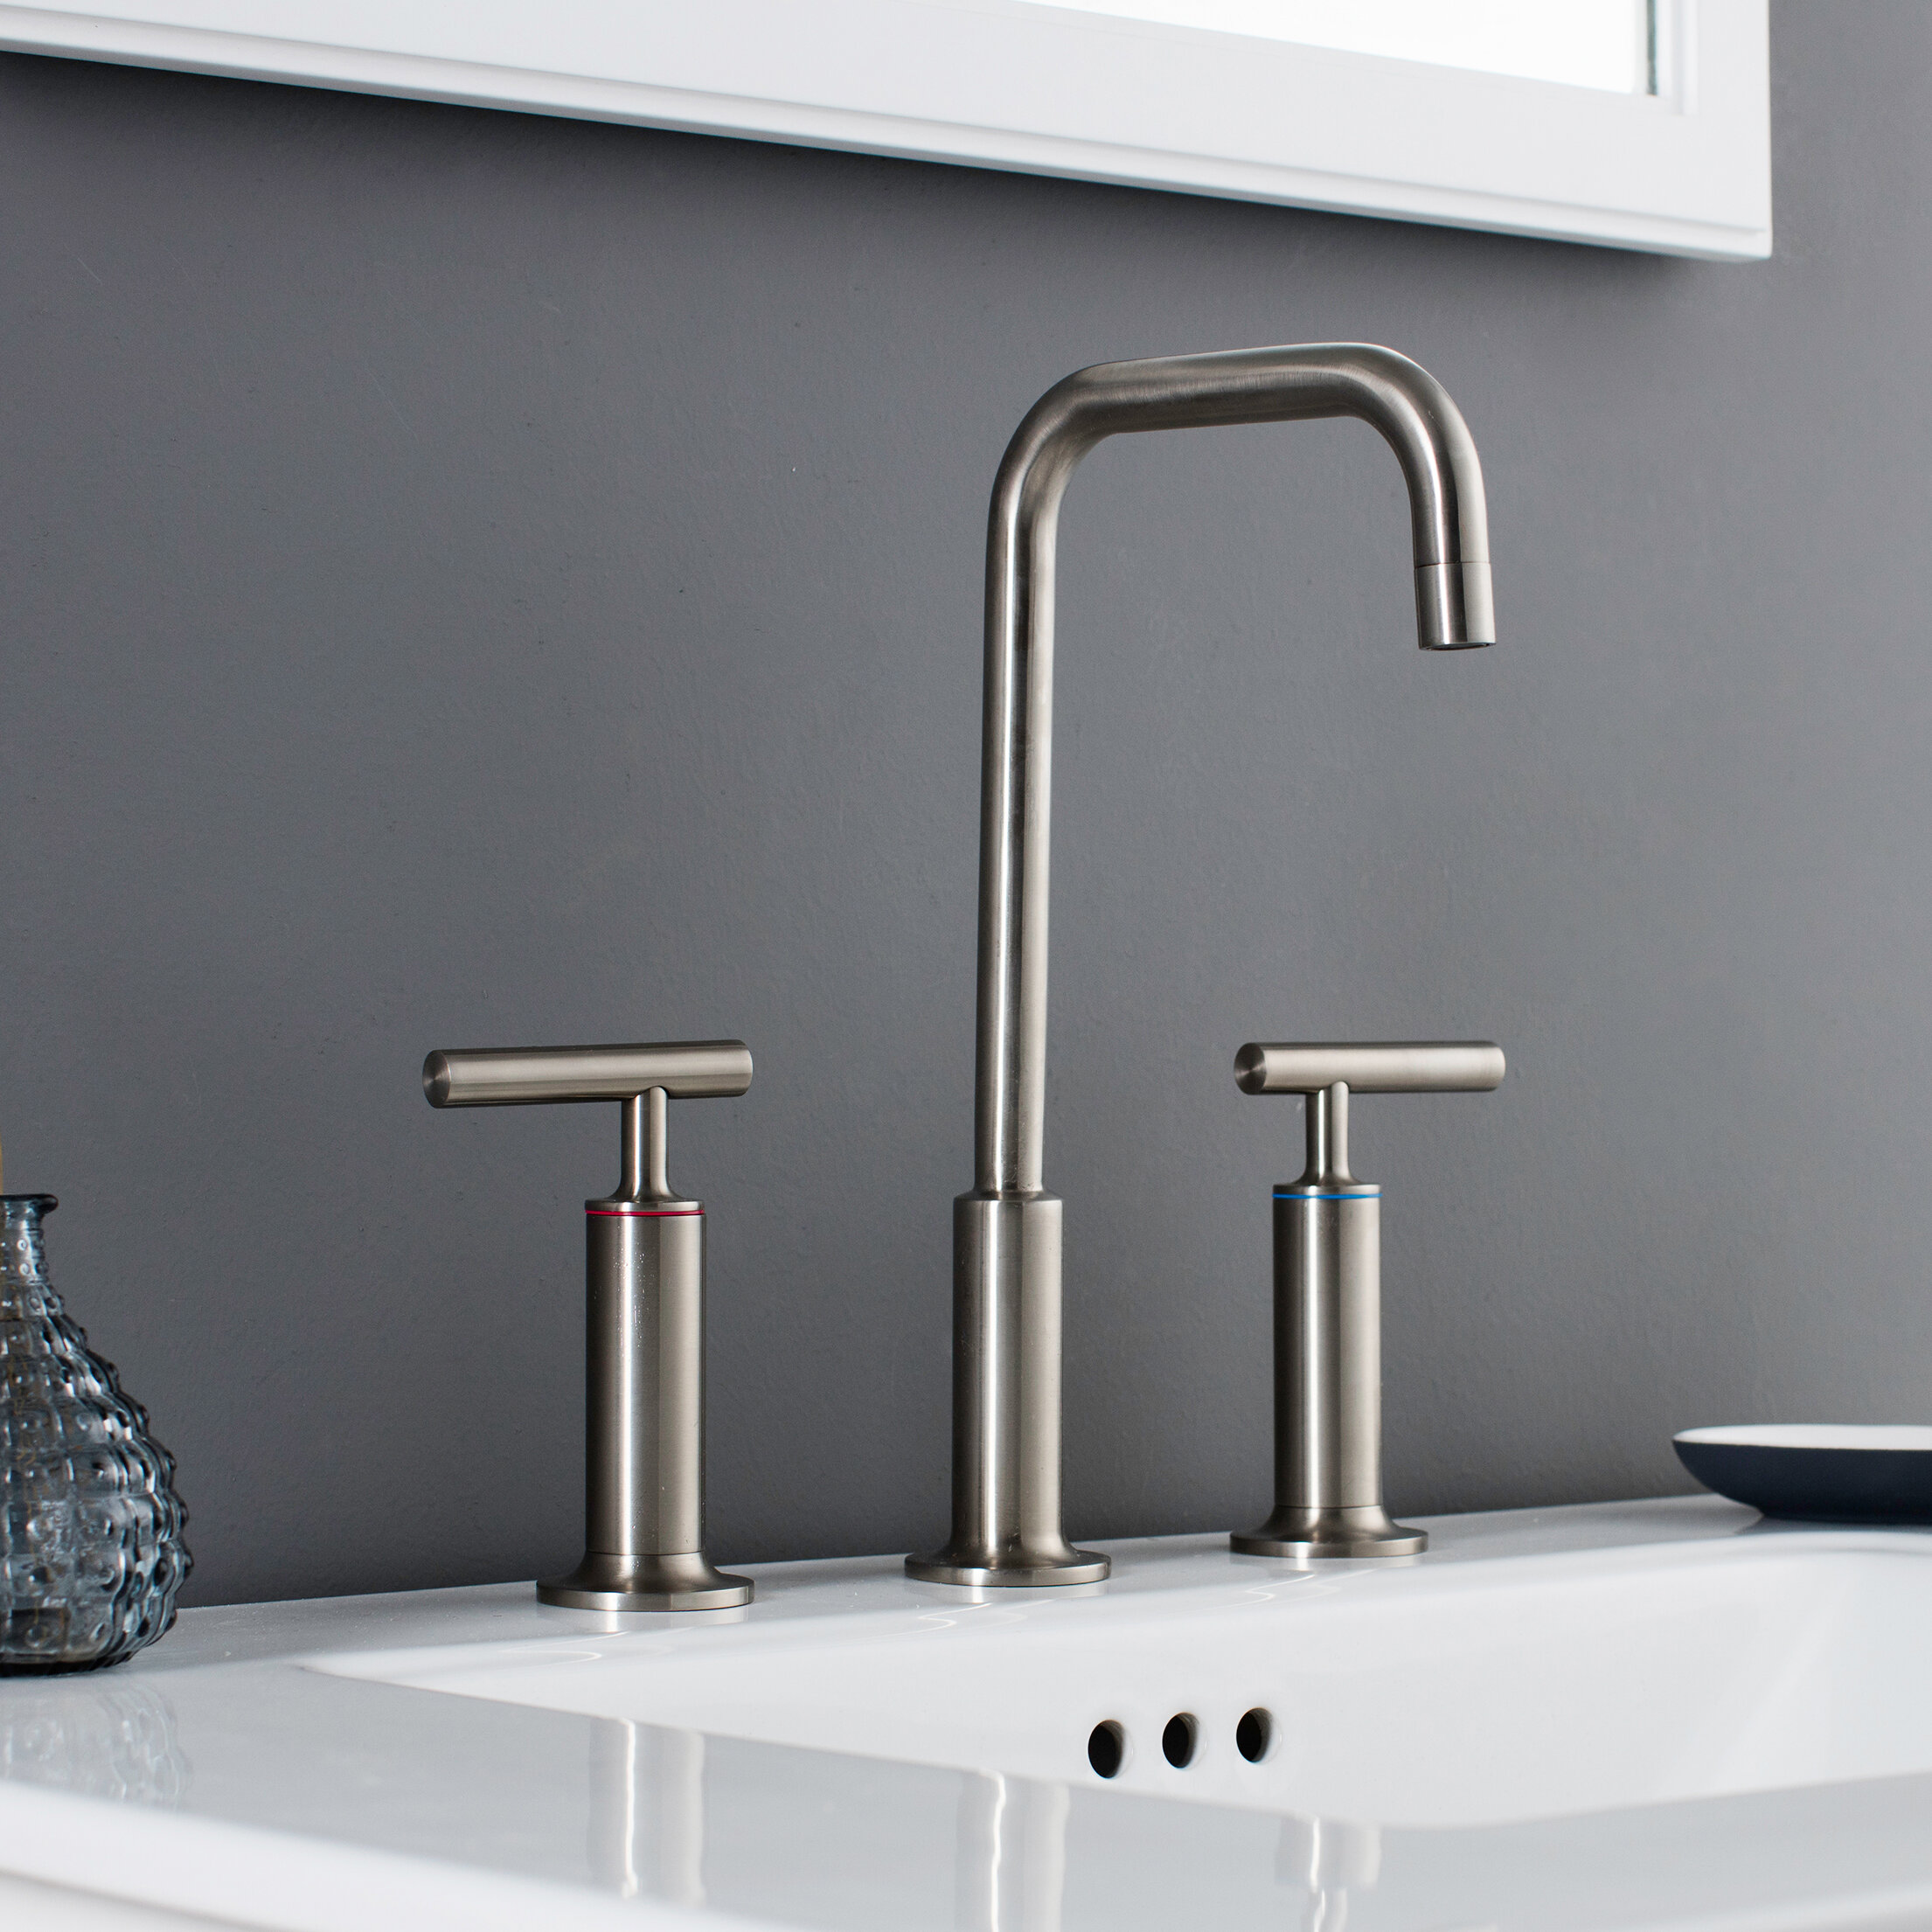 Maykke Prelude Piece Widespread Wrist Blade Handle Bathroom Faucet - Three piece bathroom faucet